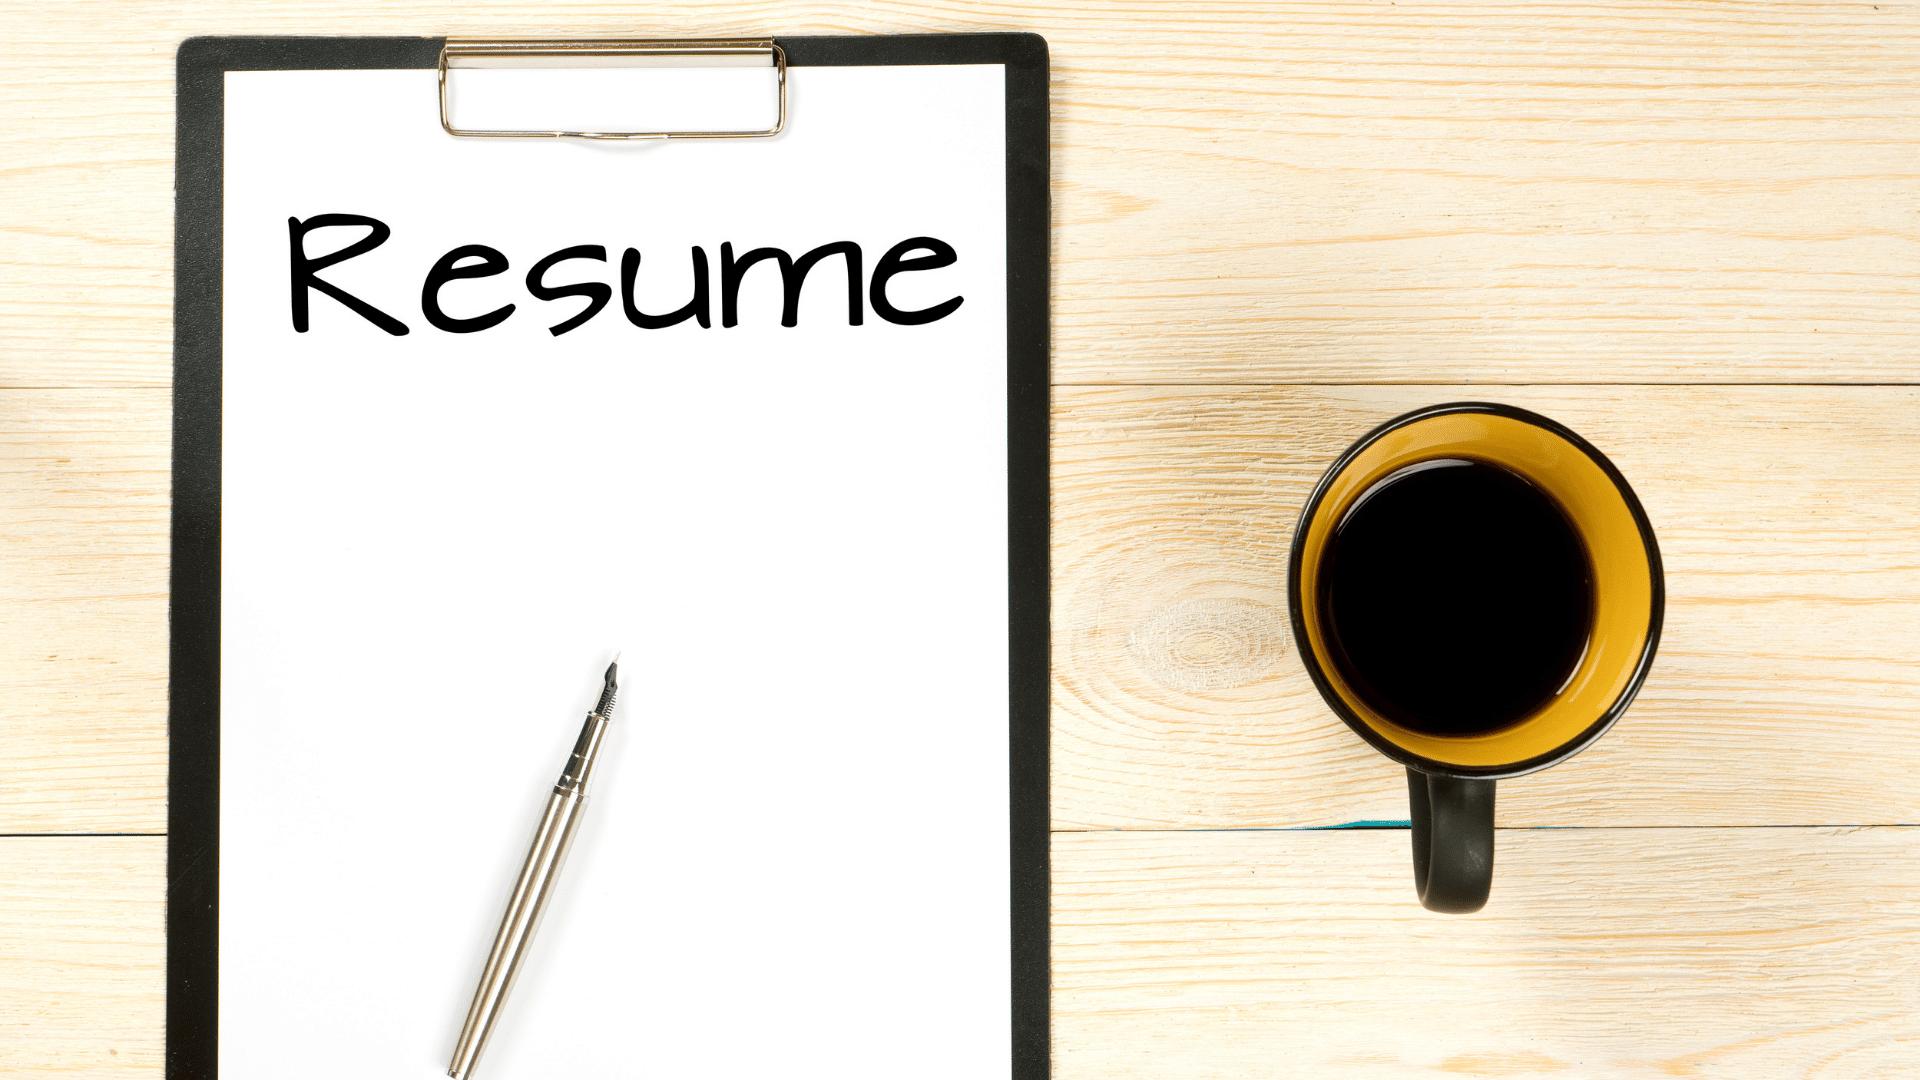 履歴書とコーヒー